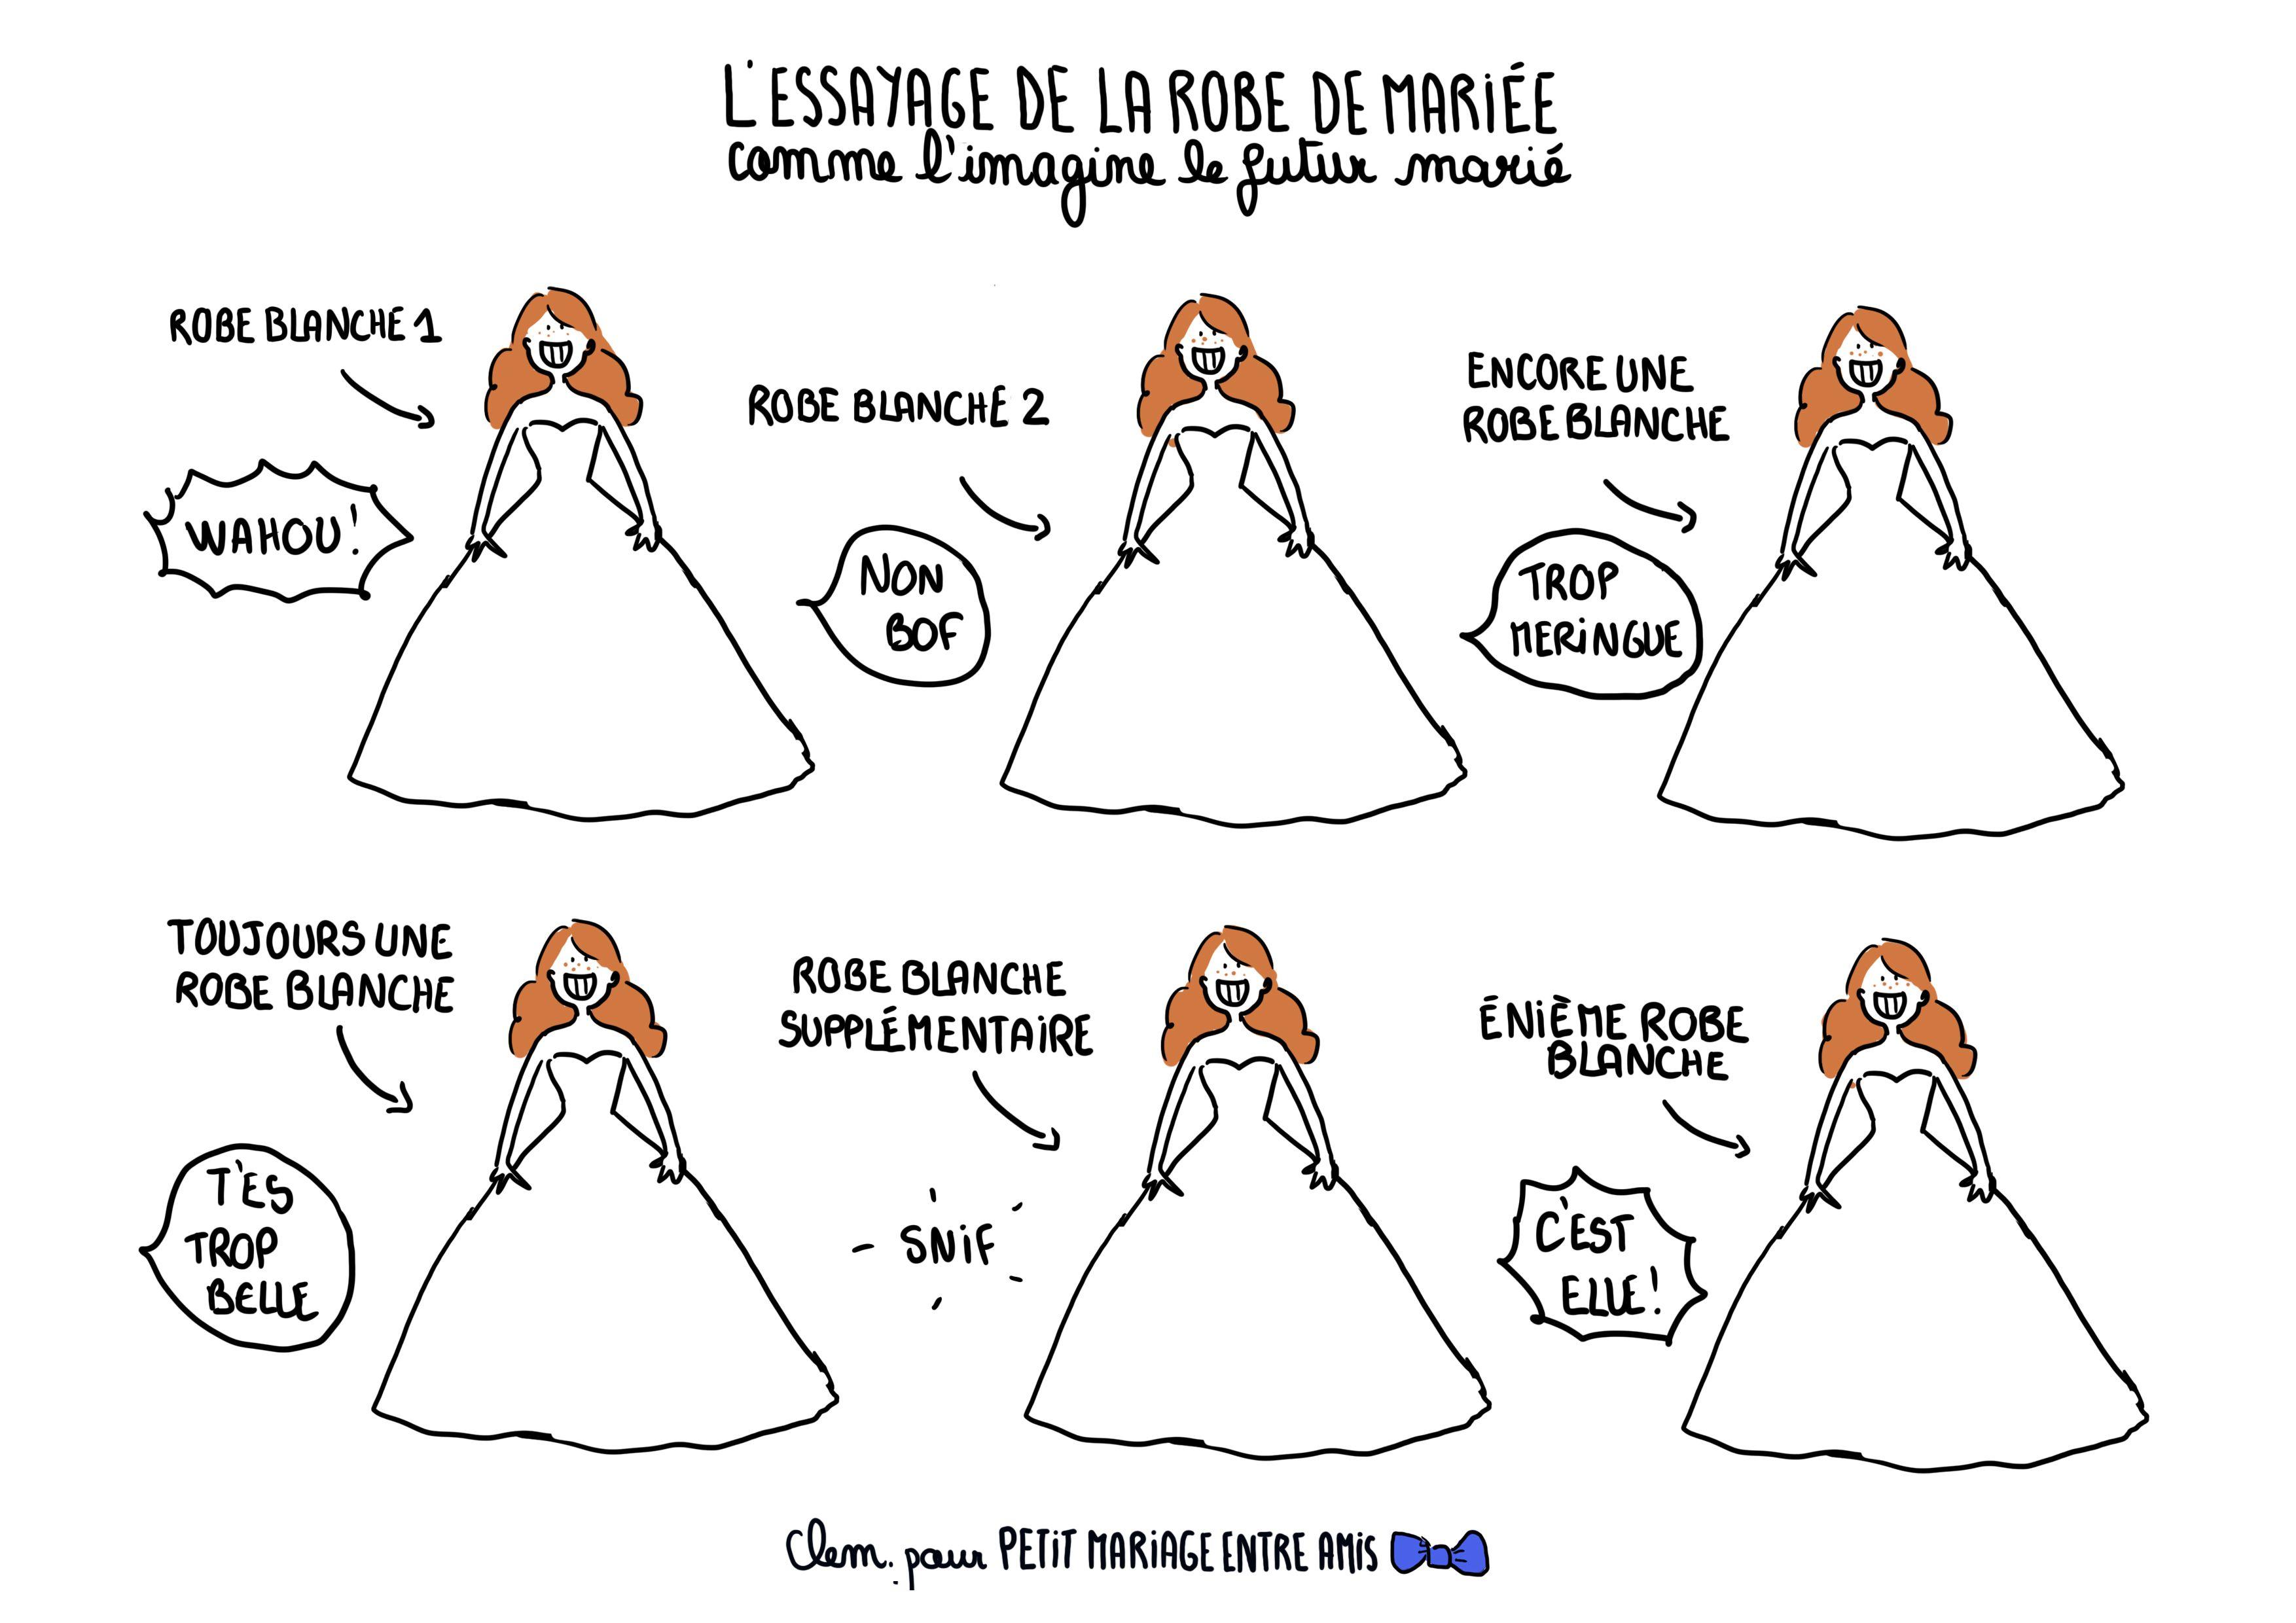 Vus Marié Le Robe Les Par Futur De La Essayages Mariée eY2E9WDHI